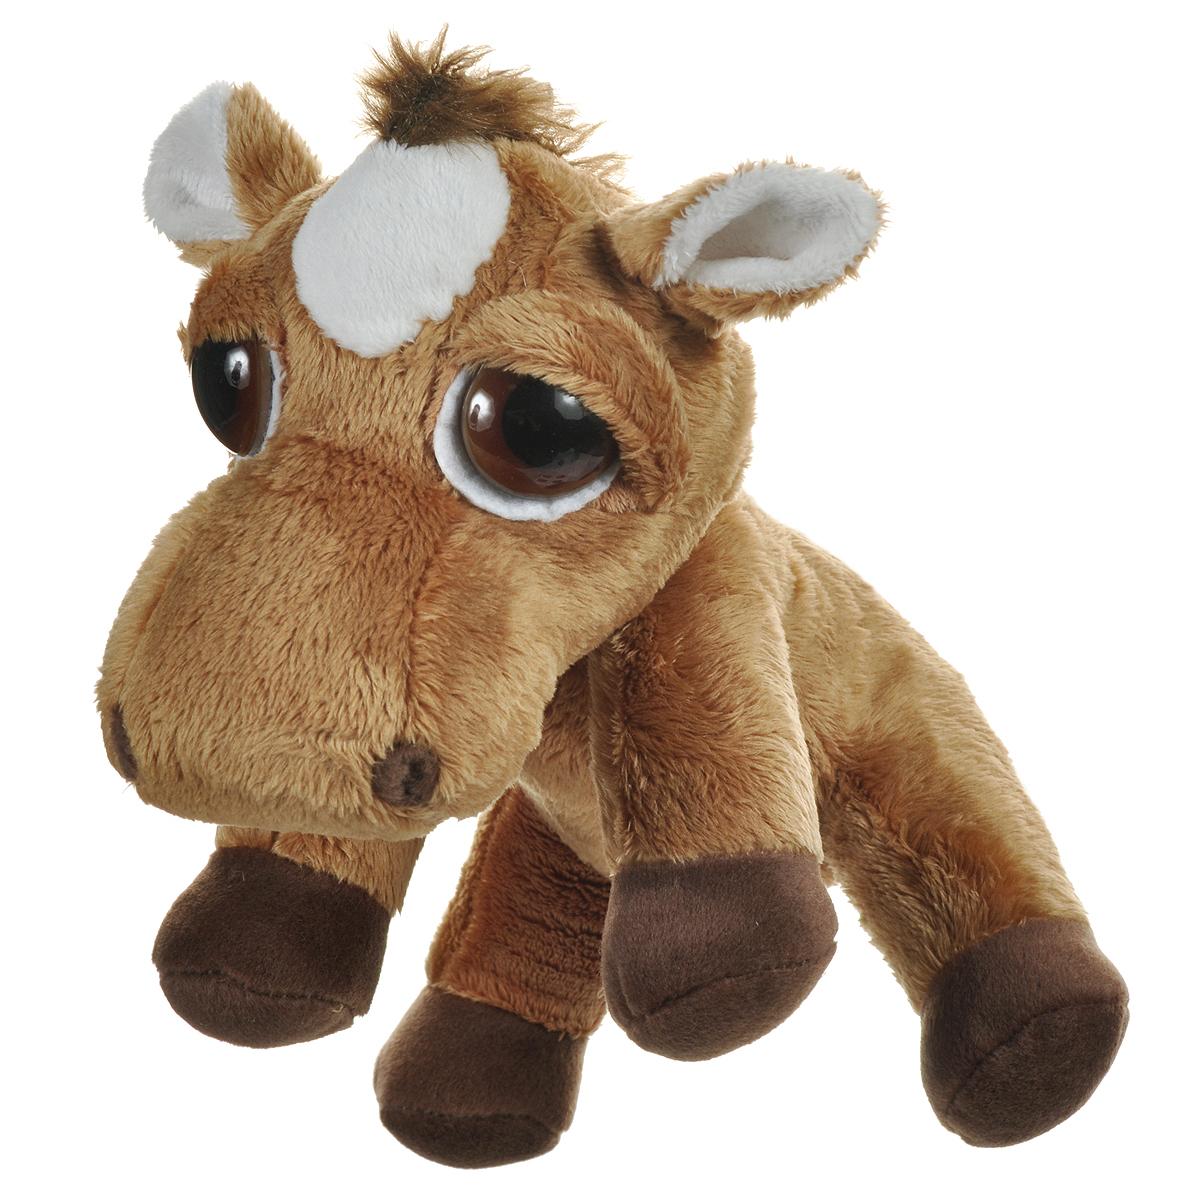 """Мягкая игрушка Russ """"Лошадь Пиперс: Джамбалайя"""", цвет: коричневый, 23 см"""